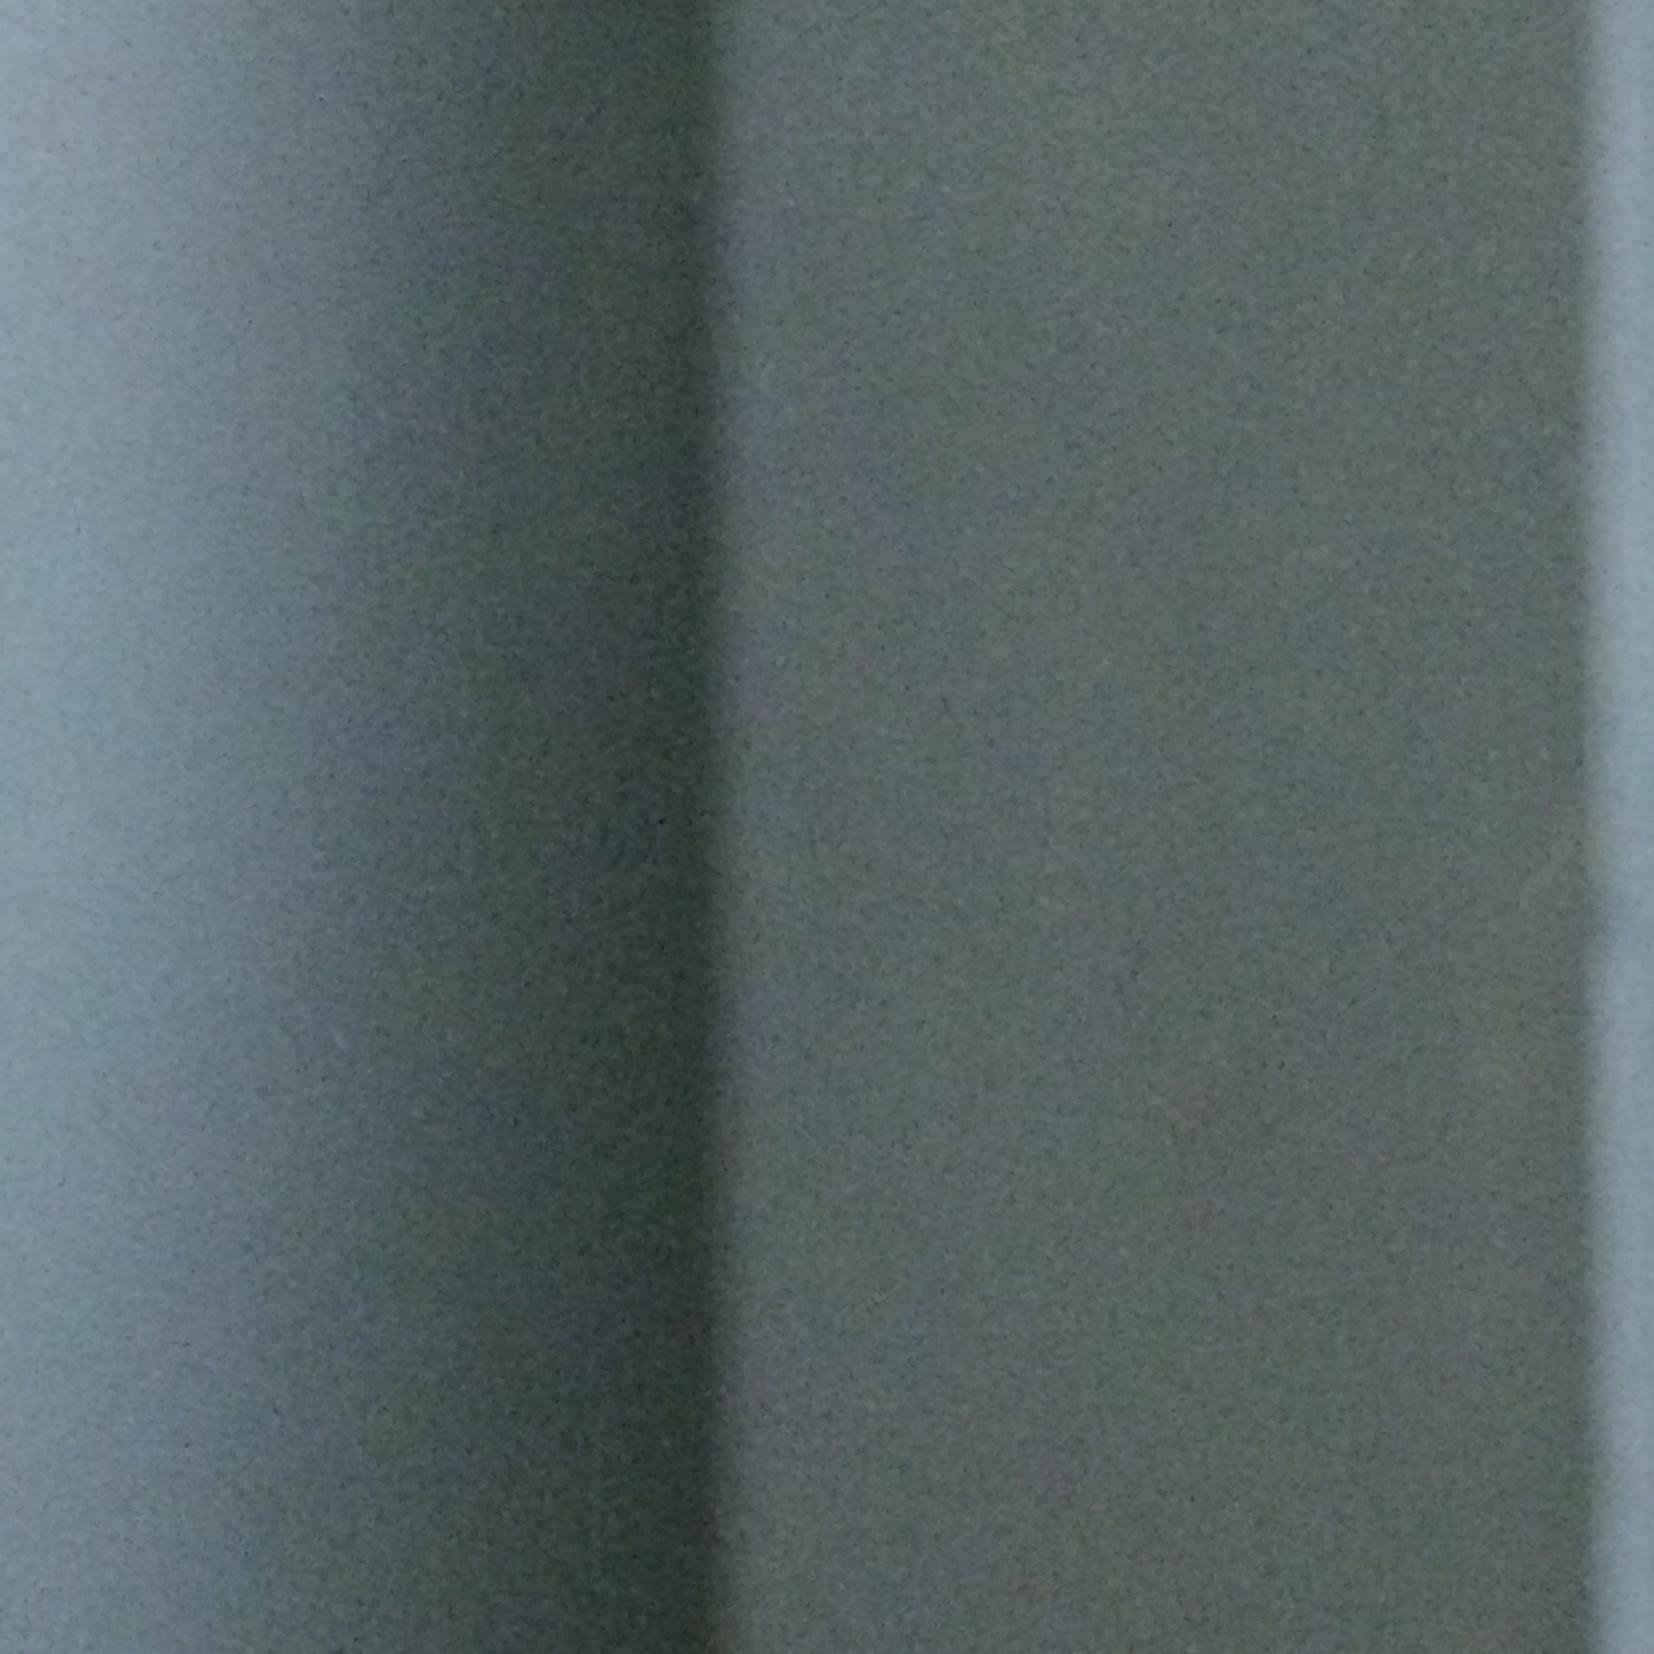 LINEAE_4.jpg